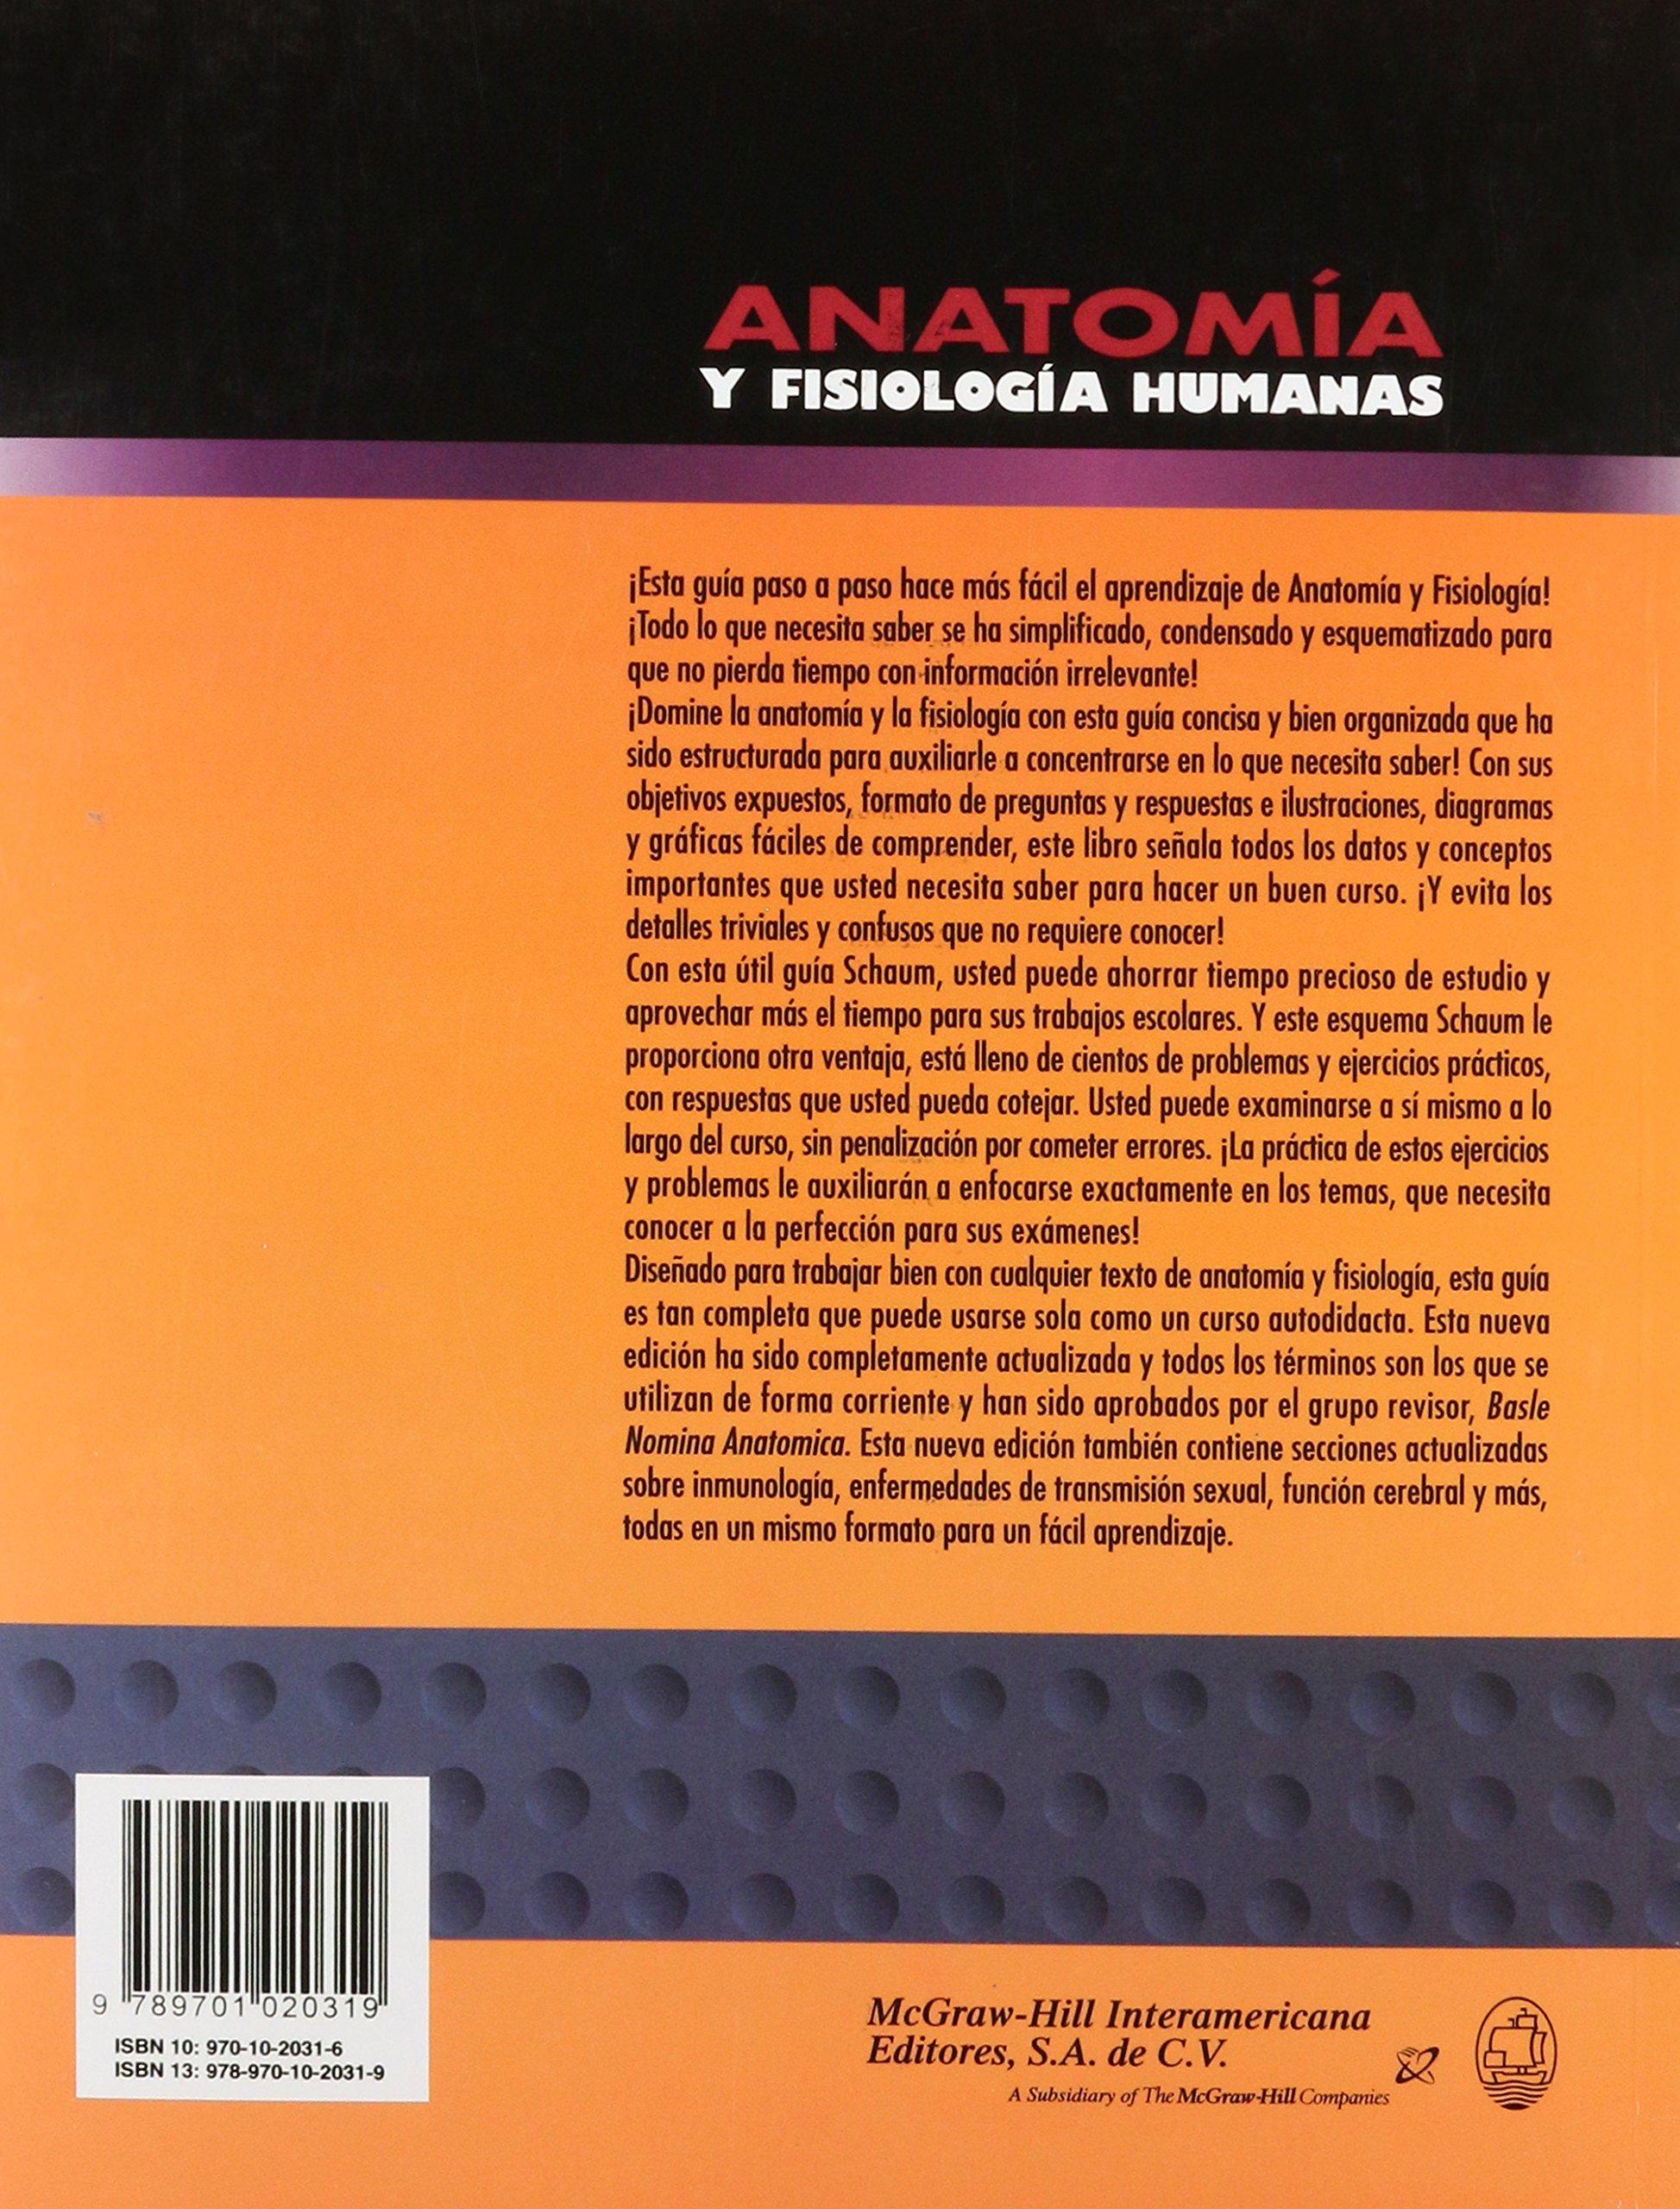 Anatomia Y Fisiologia Humanas: Van De Graaff: Amazon.com.mx: Libros